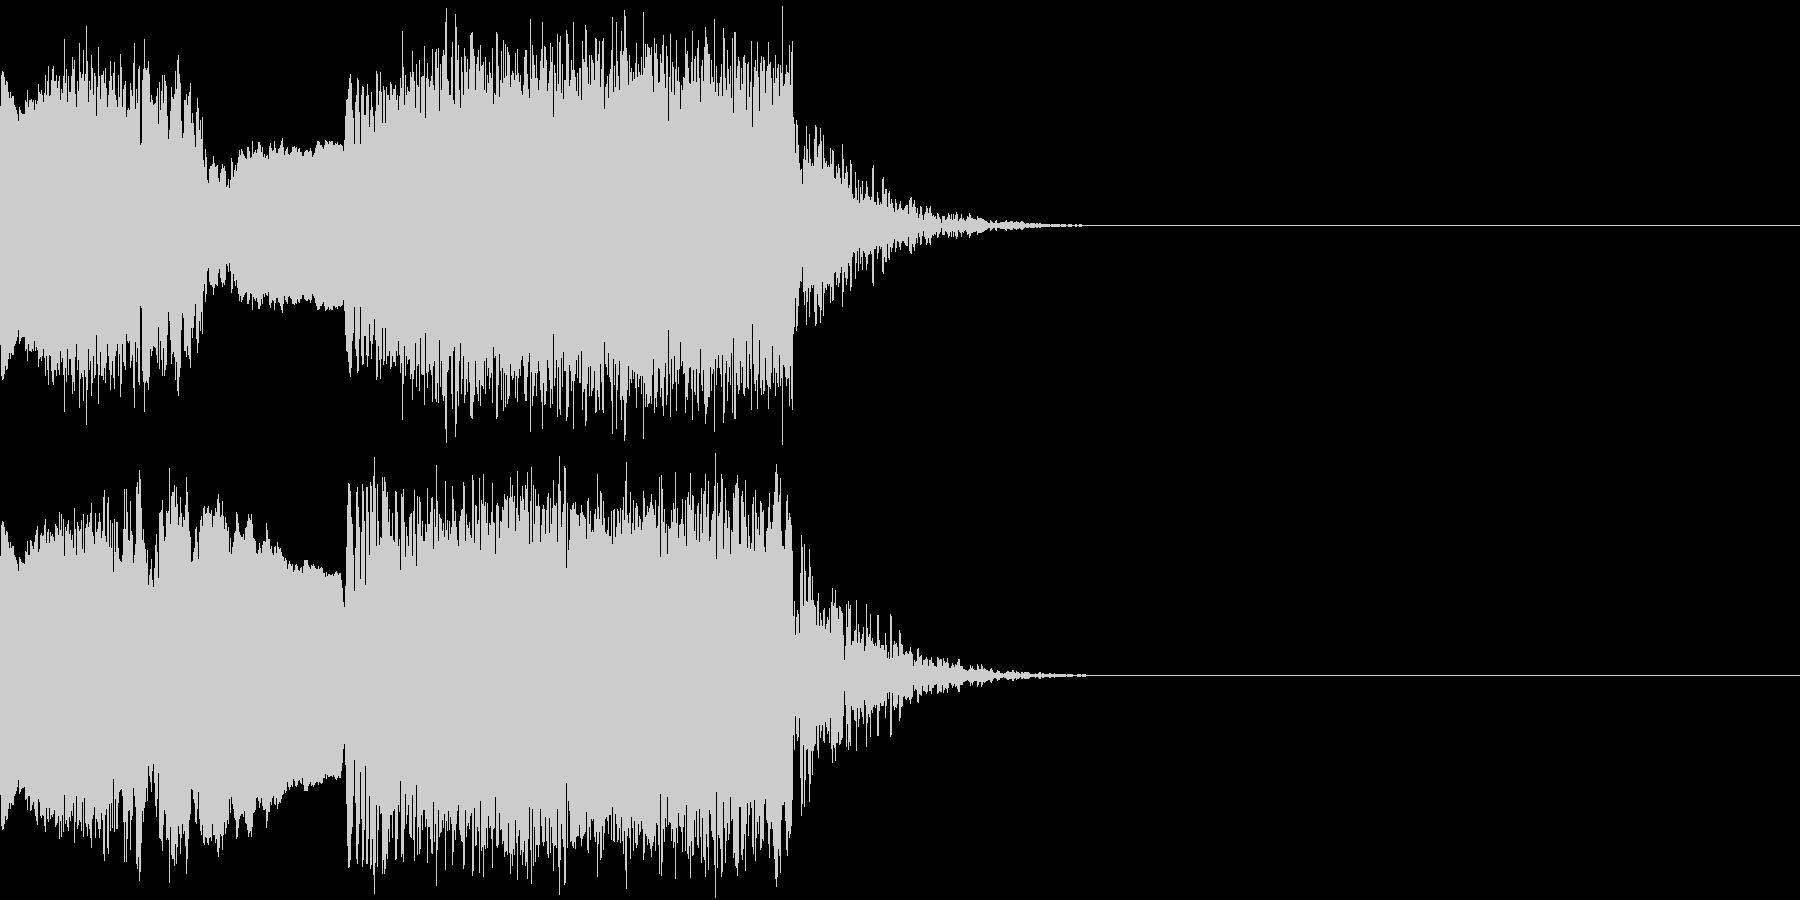 キュイン キーン シャキーン 光る 15の未再生の波形